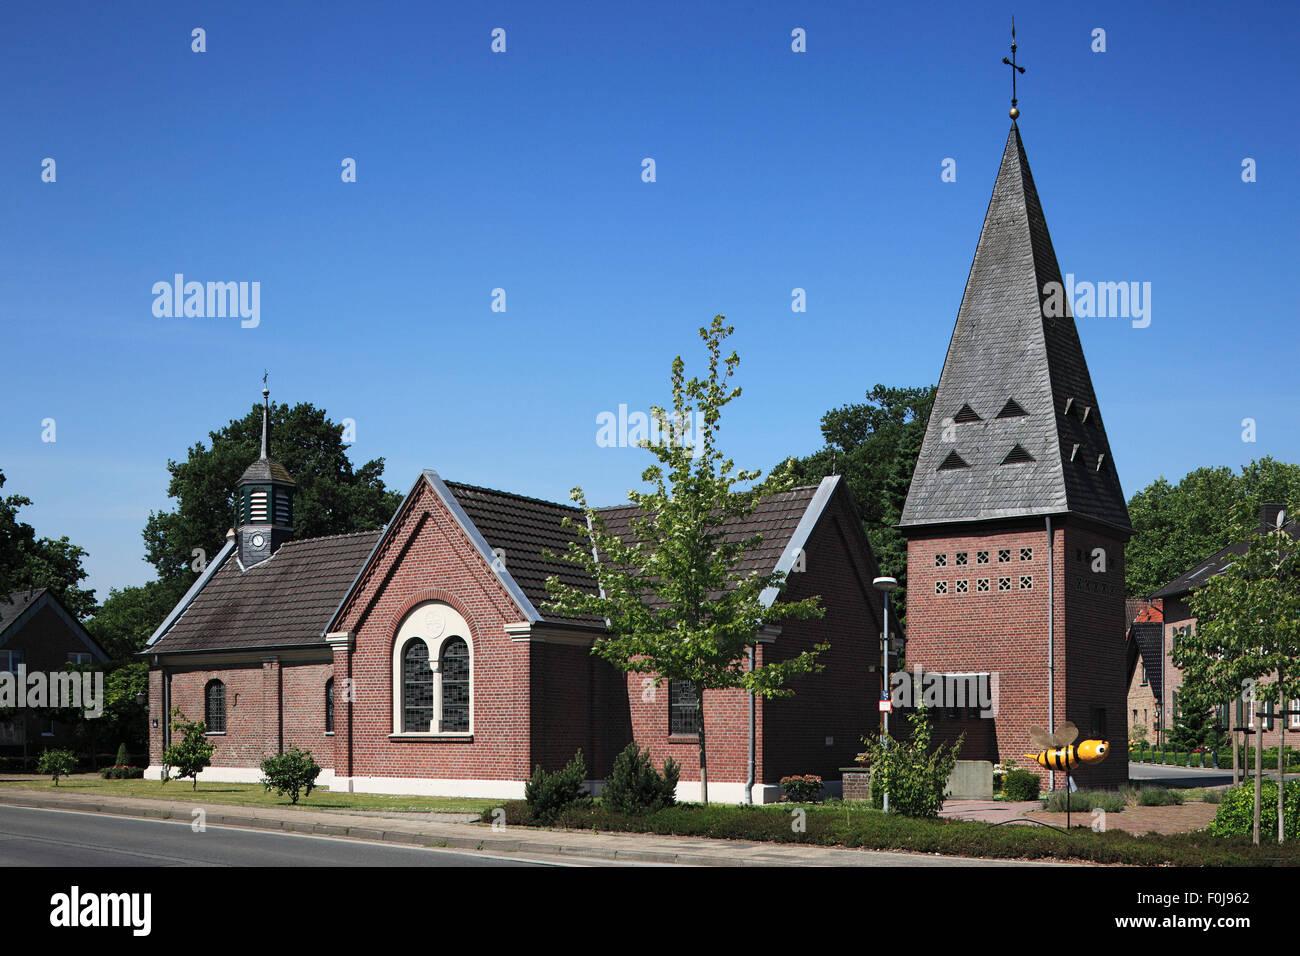 Kapelle Sankt Rochus in Geldern-Luellingen, Niederrhein, Nordrhein-Westfalen - Stock Image